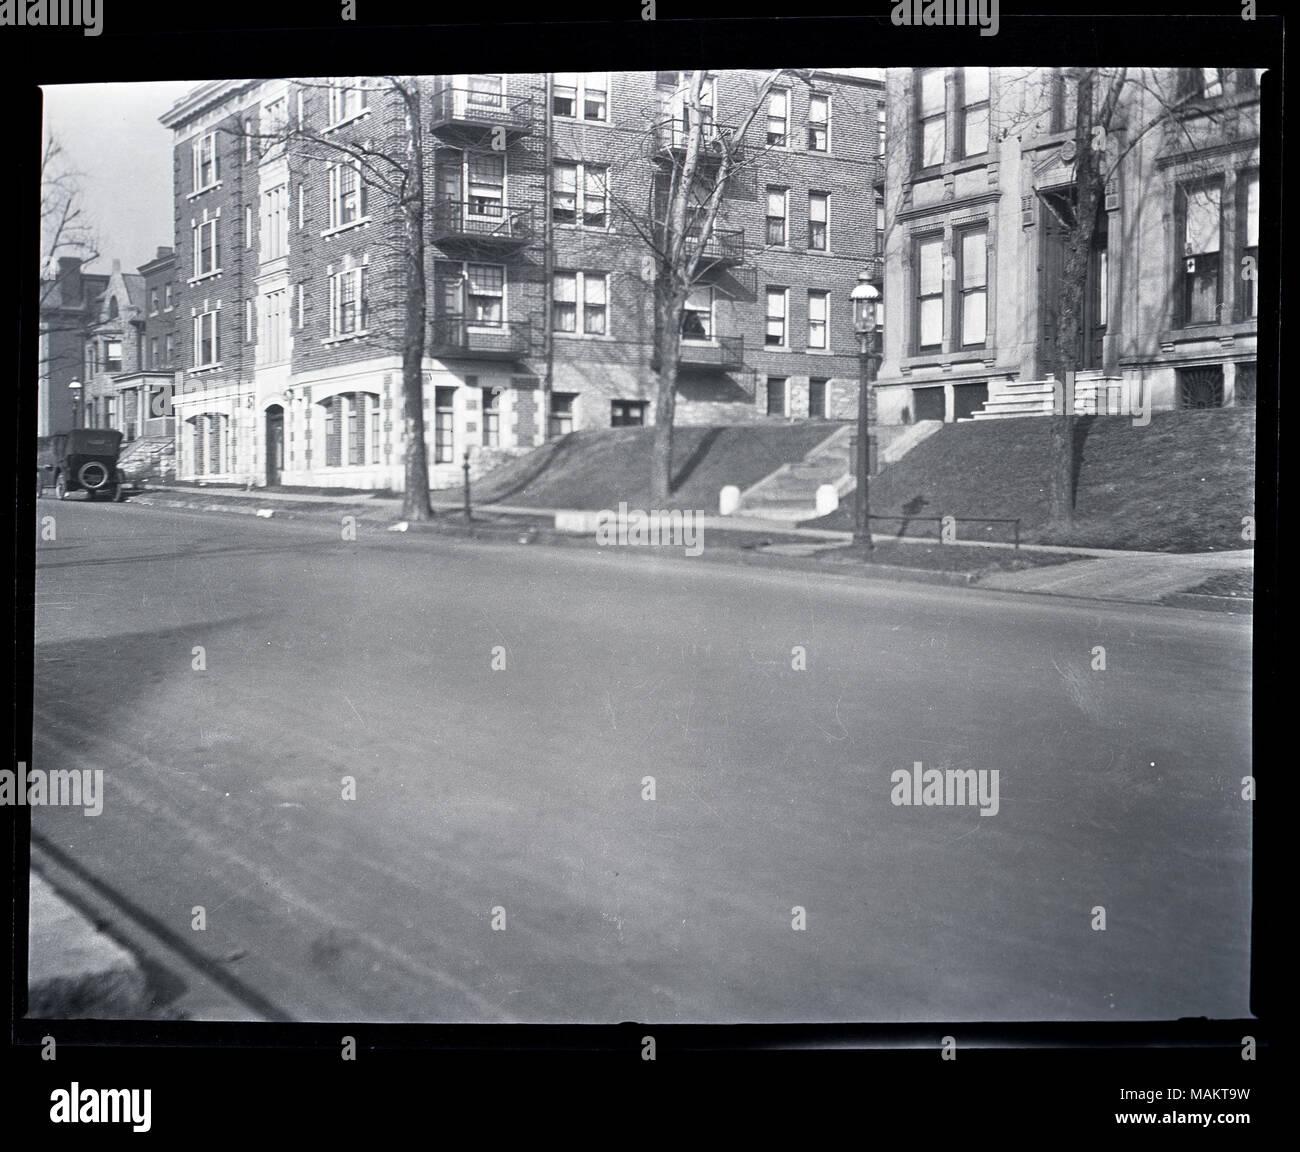 Horizontal, Schwarz und Weiß Foto, Wohnungen und einer Wohnanlage auf der 4000-Block auf der Washington Avenue im Central West End. Die Sicht ist von schräg über die Straße und zeigt die vier-stöckiges Gebäude aus Backstein und Stein, mit einem Haus auf der rechten Seite. Es gibt Wohnungen teilweise sichtbar weiter die Straße hinunter, auf der linken Seite. Es gibt Bäume und einen Bürgersteig vor dem Gebäude und ein Auto auf der Straße geparkt. Titel: Wohnungen und einer Wohnanlage auf der 4000-Block auf der Washington Avenue im Central West End. . Zwischen 1917 und 1918. Stockbild